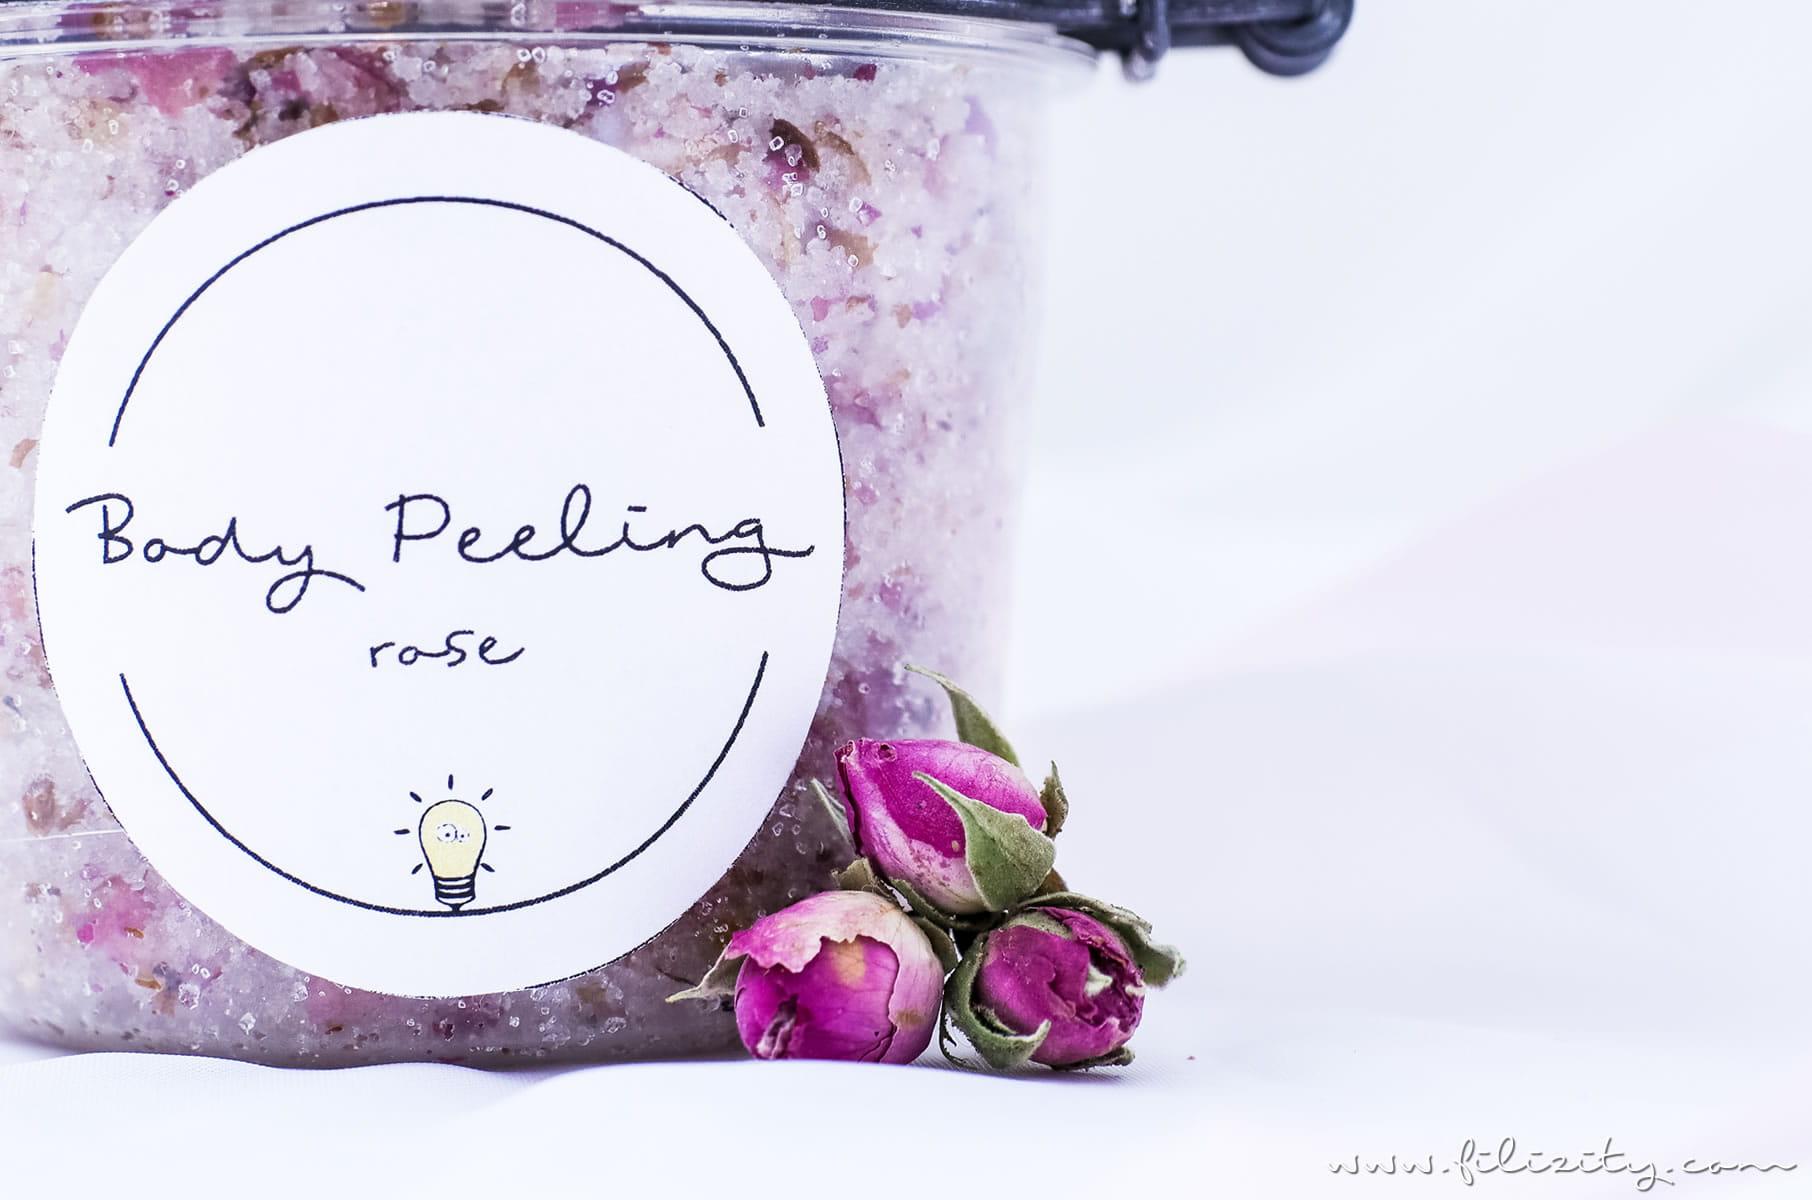 DIY Body Scrub: Rosen-Peeling selber machen - DIY Hautpflege & Geschenkidee für Valentinstag | Naturkosmetik selber machen | Filizity.com | Beauty- & DIY-Blog aus dem Rheinland #valentinstag #geschenkidee #muttertag